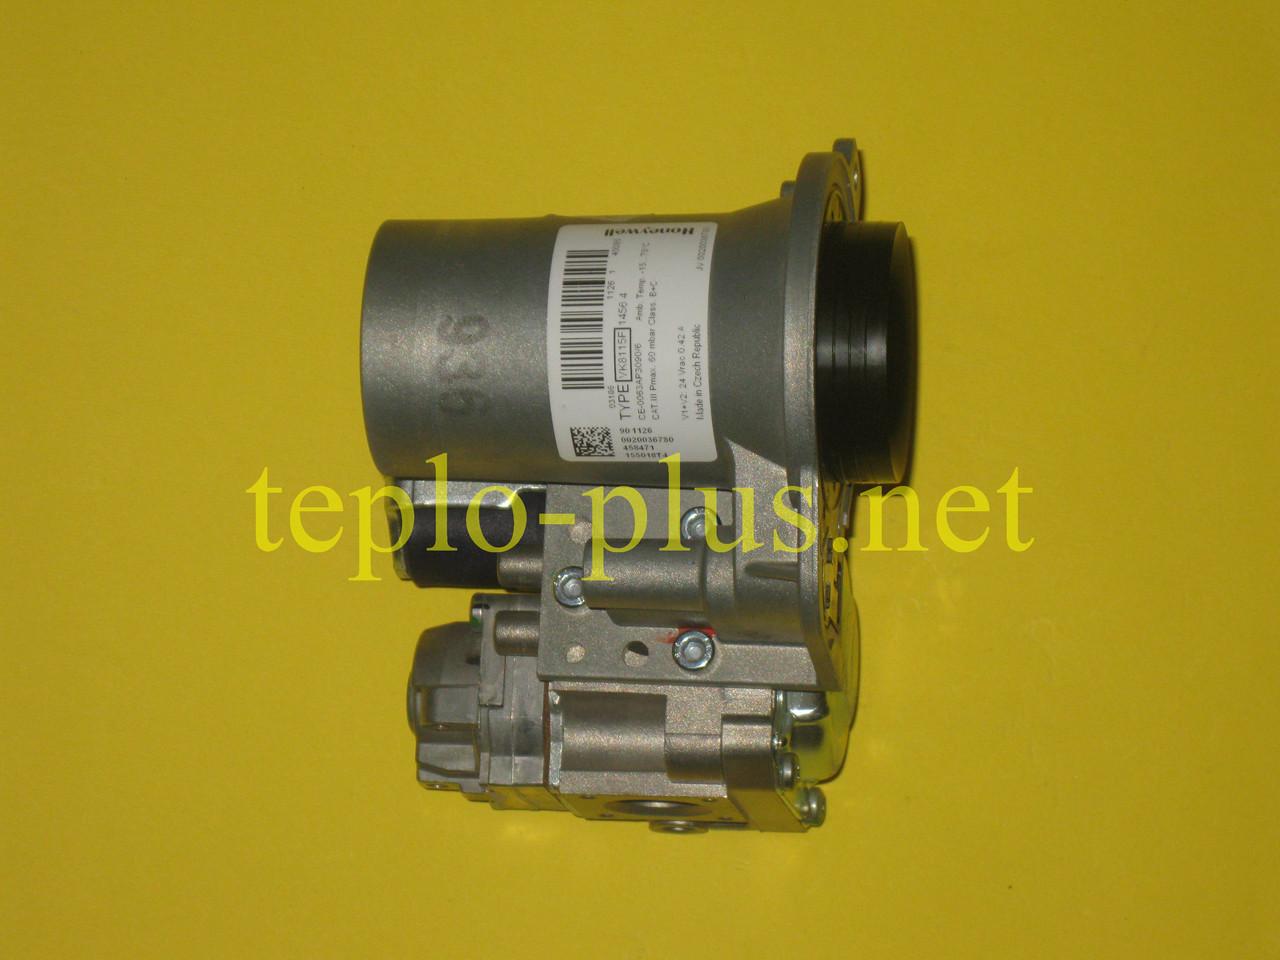 Газовый клапан Honeywell VK8115V 1036 053500 Vaillant ecoBLOCK pro/plus, ecoTEC pro/plus, ecoVIT plus, фото 5